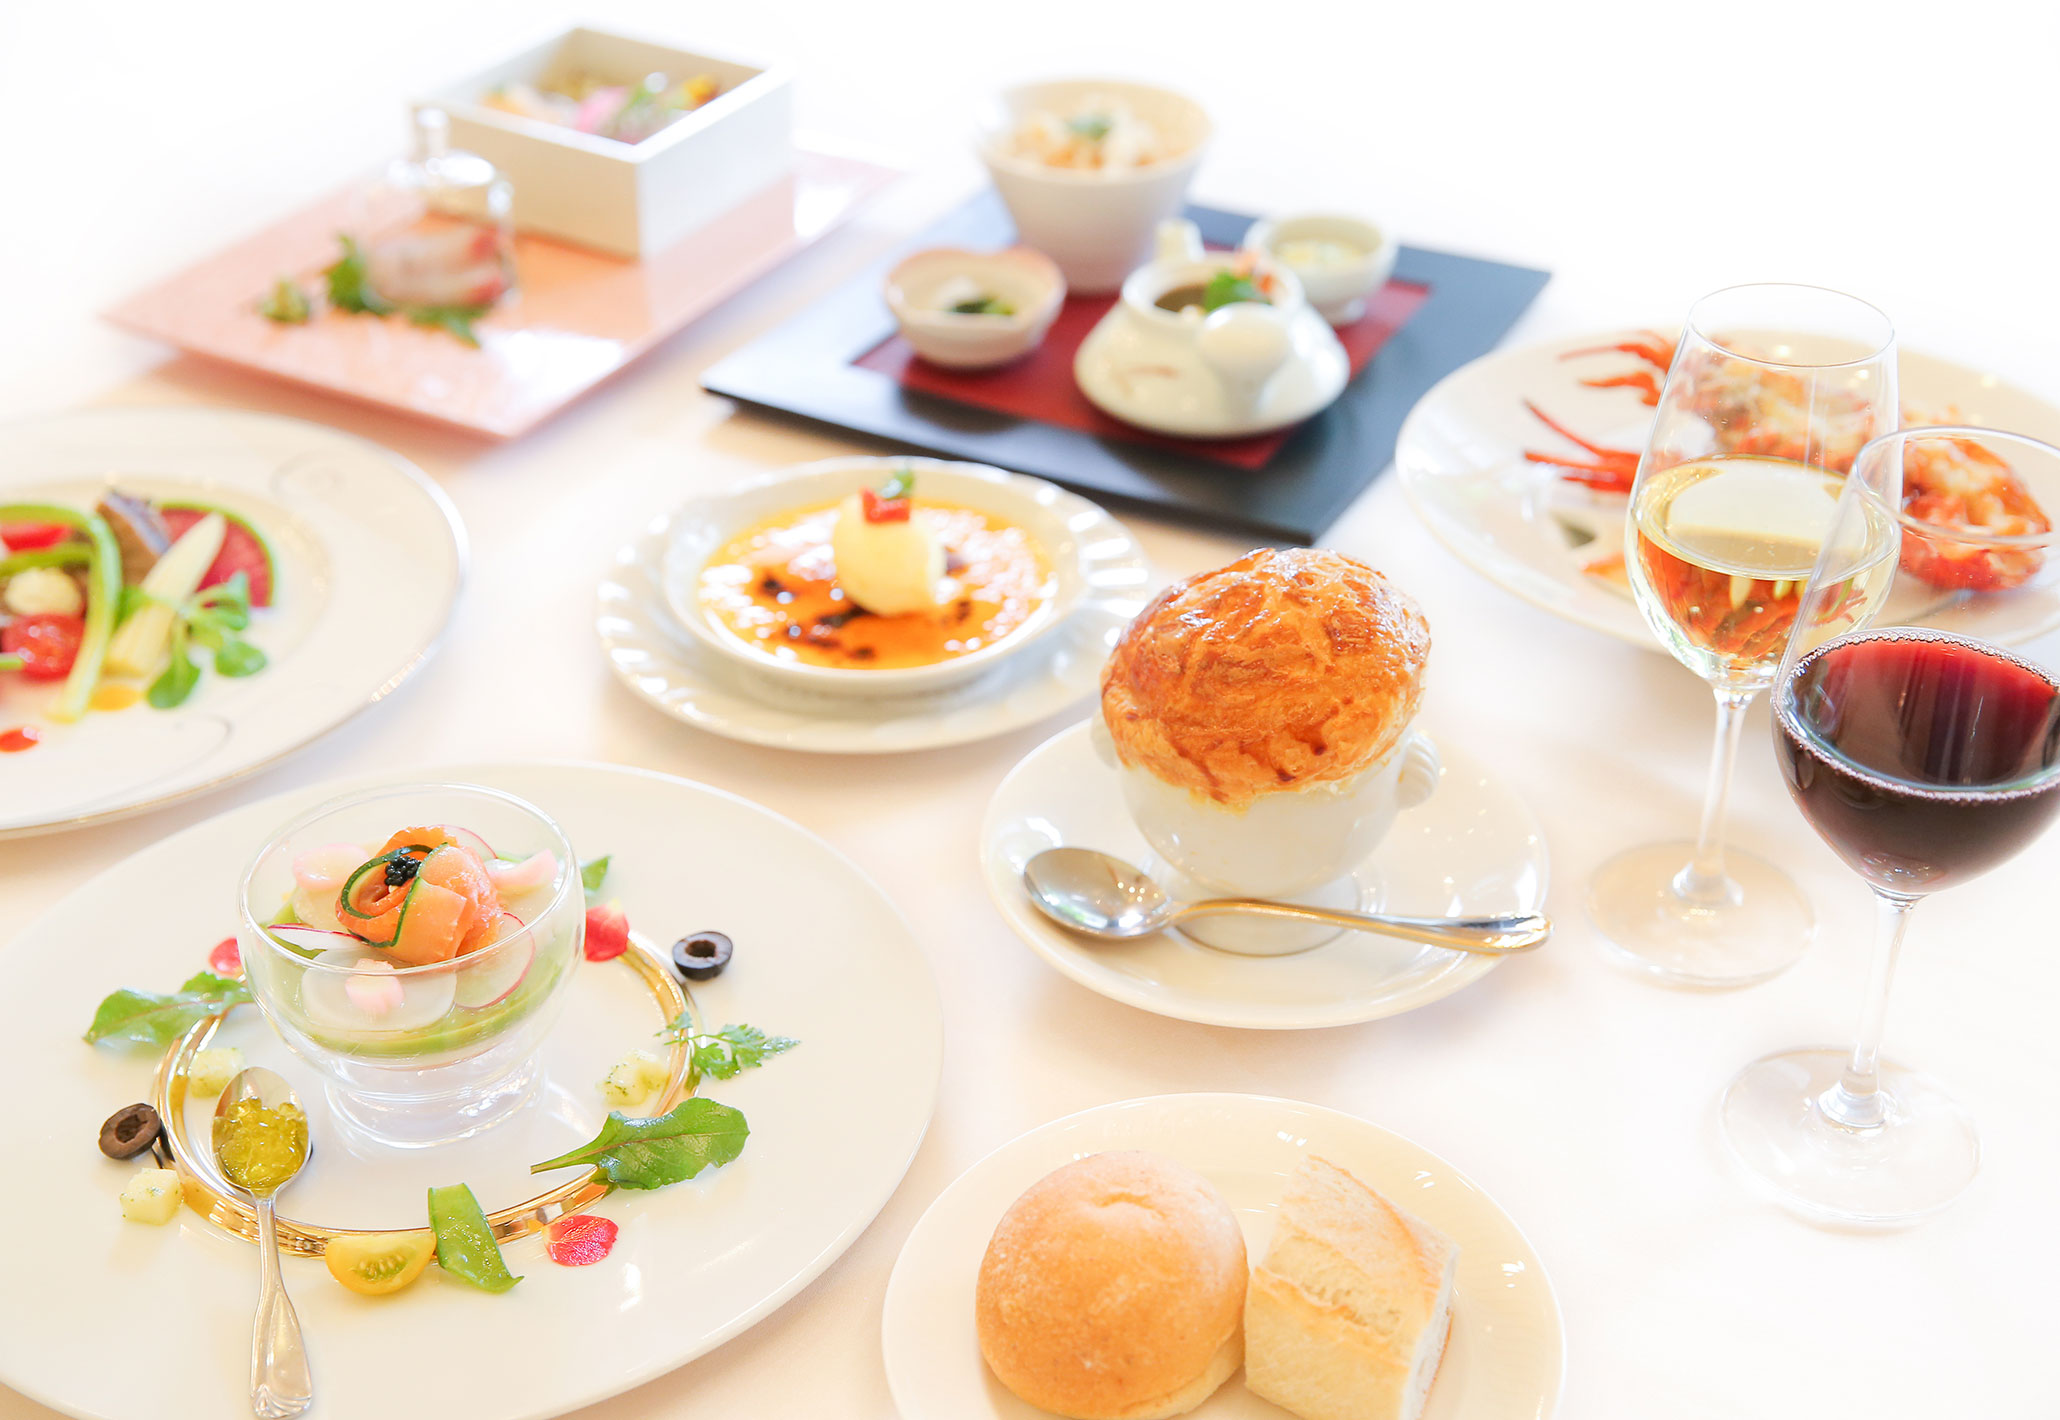 8月から新メニュー登場☆ 大切なゲストは最高においしいお料理でおもてなしを。フレンチの王道をくずさず仕上げた新作メニューは見た目も味も更に楽しんでいただけます! | 愛媛県西条市の結婚式場ベルフォーレ西条